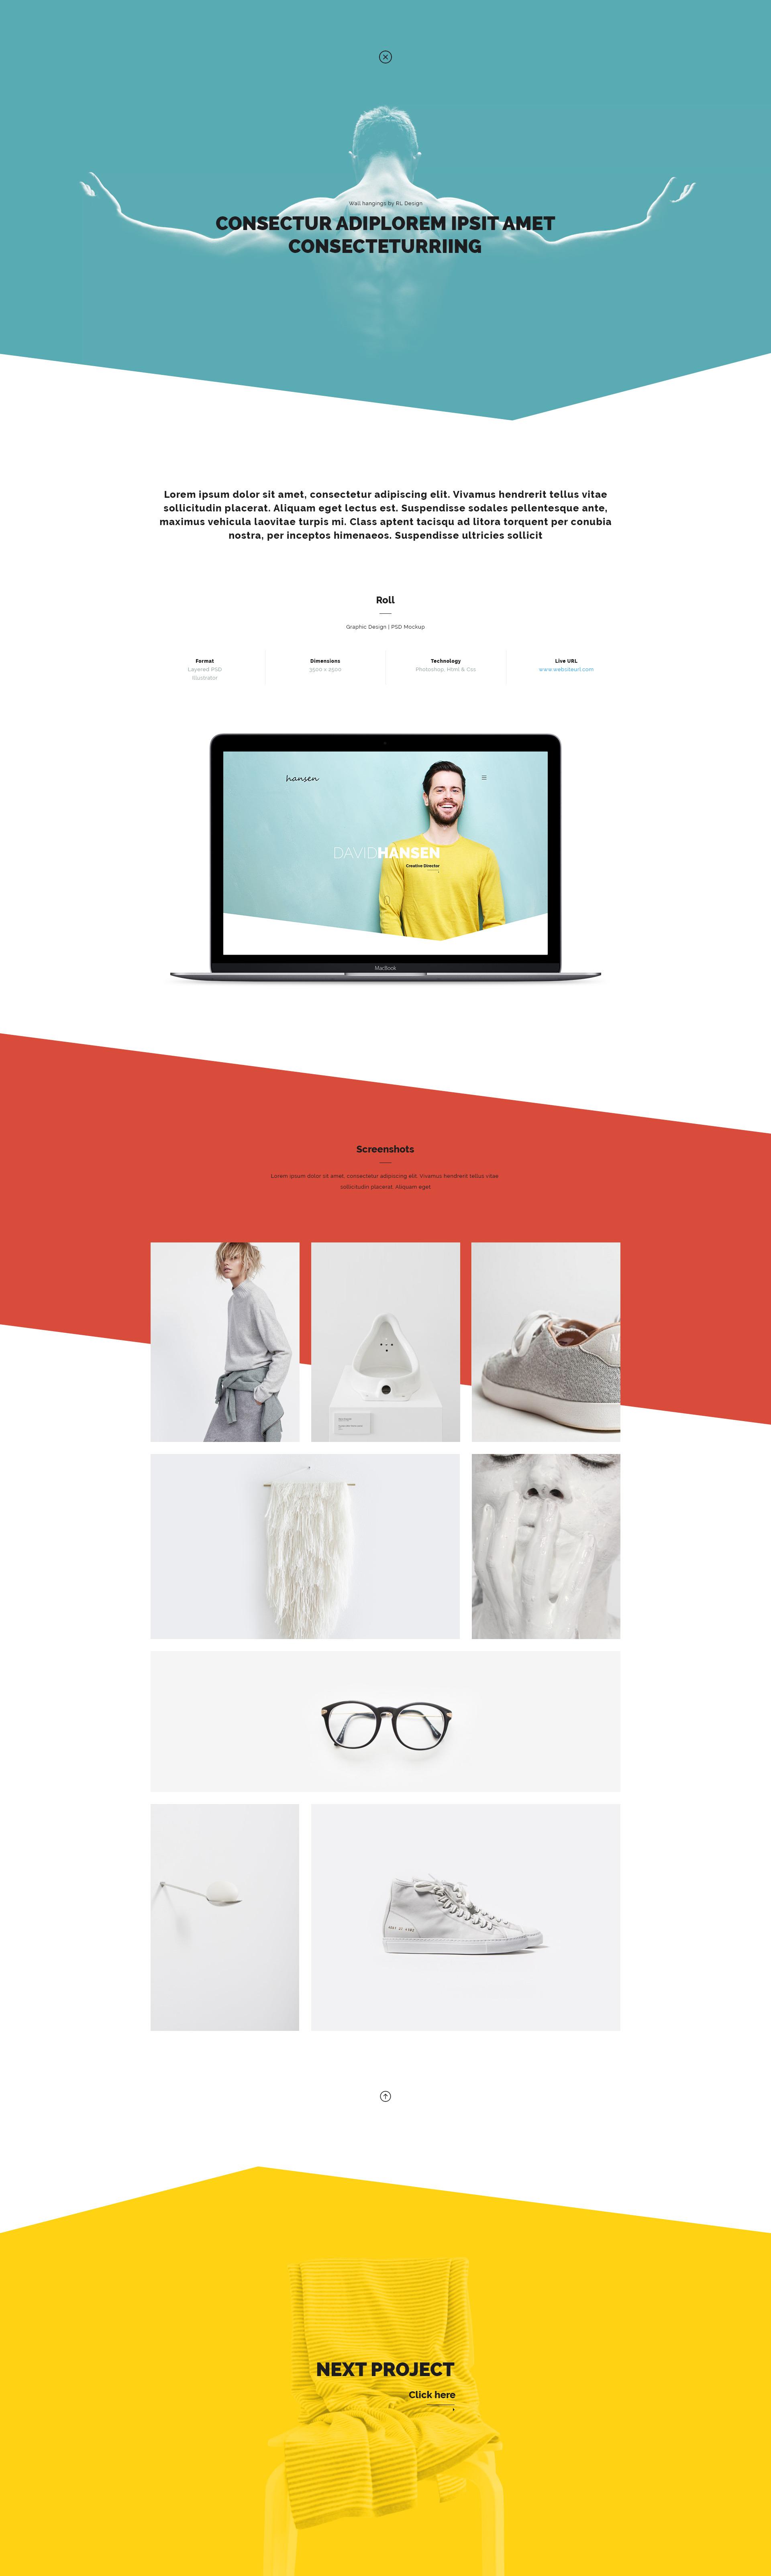 it sme creative portfolio psd template by webduck themeforest it sme creative portfolio psd template